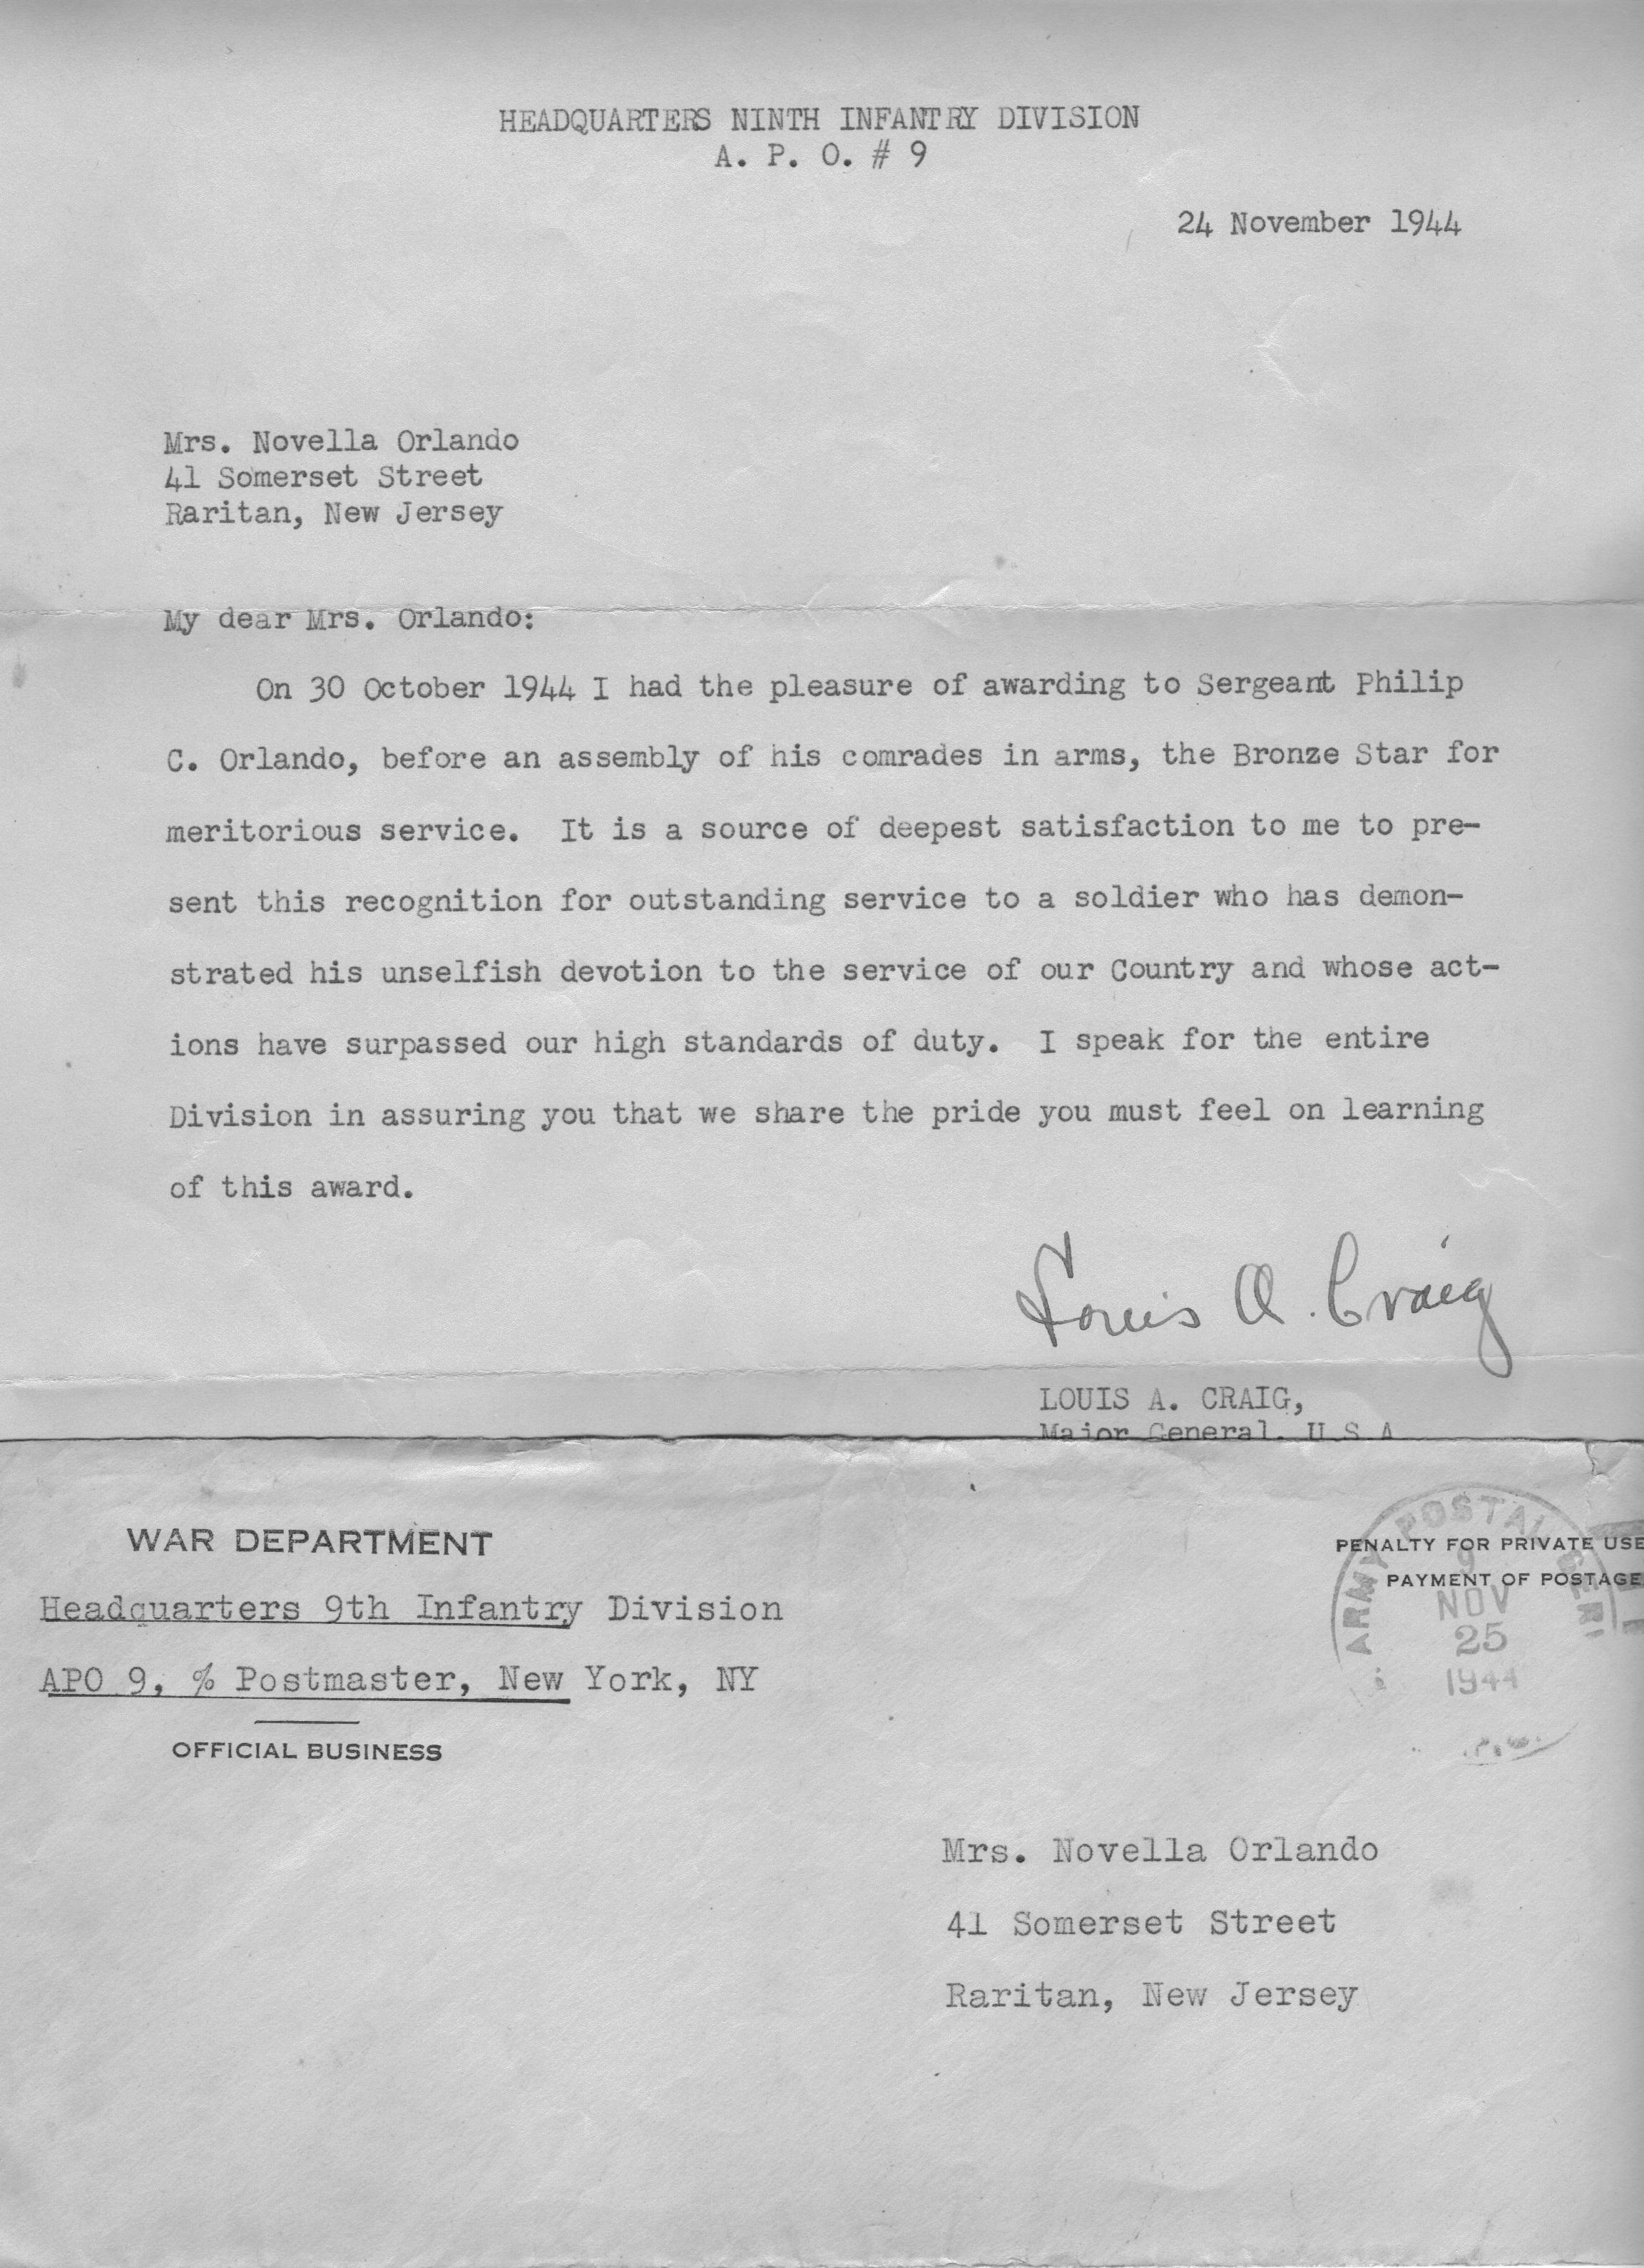 philip orlando letter from commanding officer